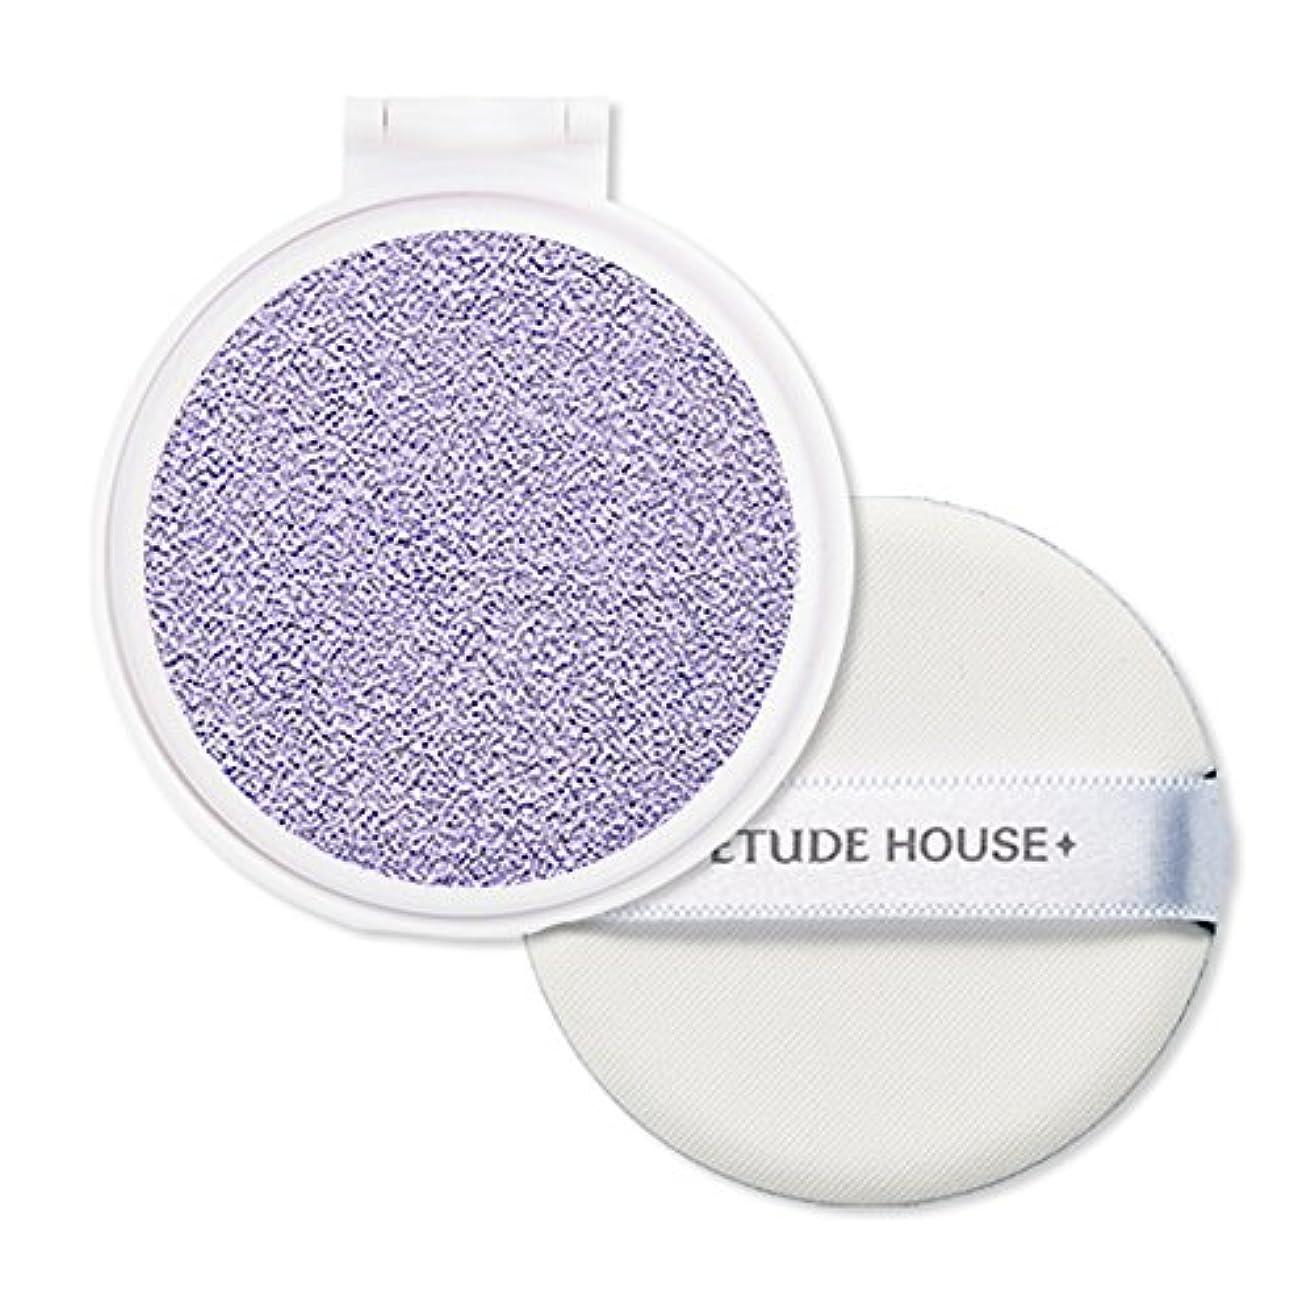 ヘルシー地域の談話エチュードハウス(ETUDE HOUSE) エニークッション カラーコレクター レフィル Lavender